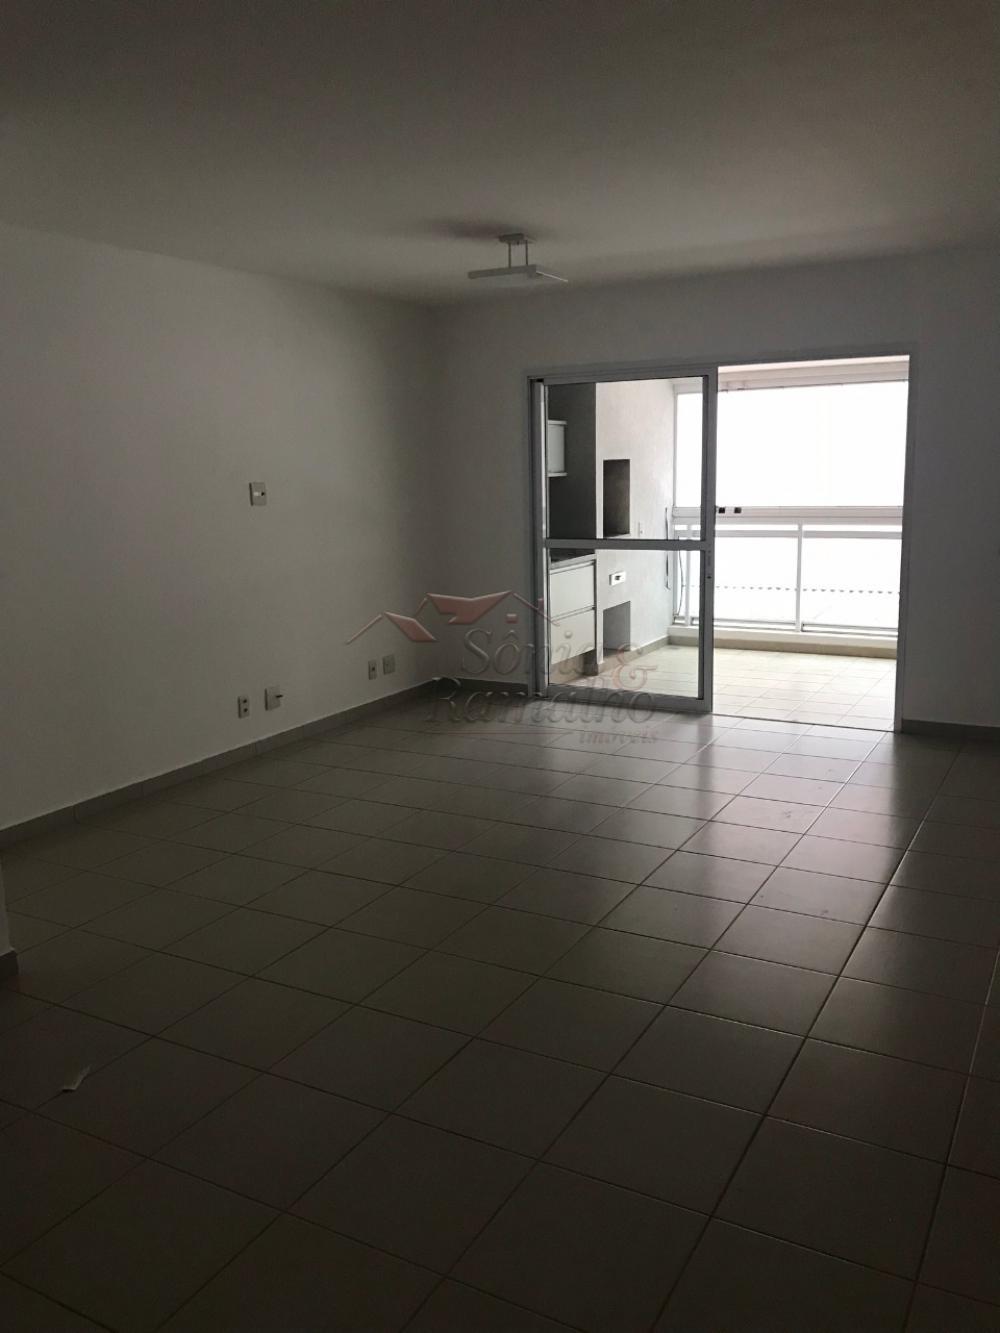 Comprar Apartamentos / Padrão em Ribeirão Preto apenas R$ 636.000,00 - Foto 4